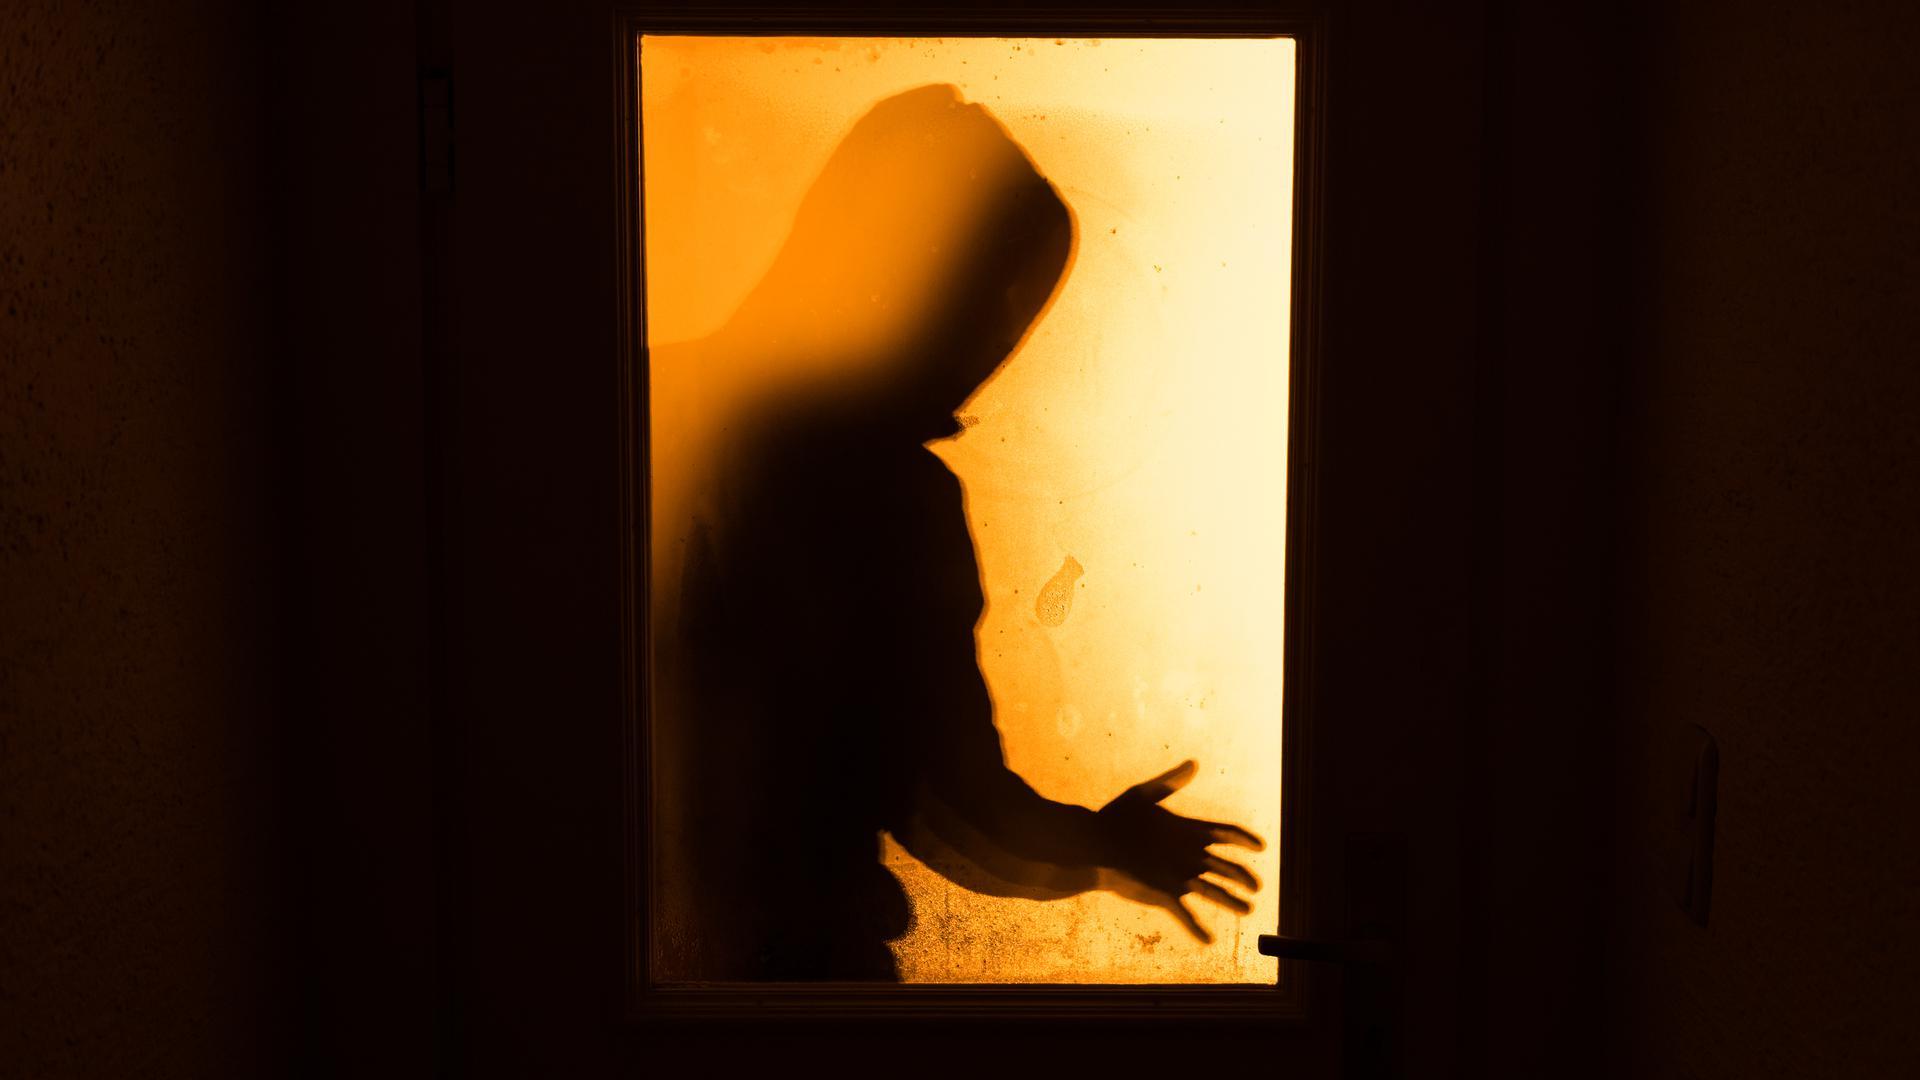 ARCHIV - ILLUSTRATION - DerSchatten eines Mannes ist am 19.01.2016 hinter einer gläsernen Wohnungstür in Aufseß (Bayern) zu sehen. Die Staatsanwaltschaft Hamburg wird im Kampf gegen Einbrecher personell verstärkt. Fünf zusätzliche Staatsanwälte sowie fünf weitere Mitarbeiter sollen ab dem kommenden Jahr eingesetzt werden. Foto: Nicolas Armer/dpa (zu dpa «Kampf gegen Diebe: Staatsanwaltschaft Hamburg bekommt mehr Stellen» vom 23.06.2016) +++(c) dpa - Bildfunk+++   Verwendung weltweit ABB Achern